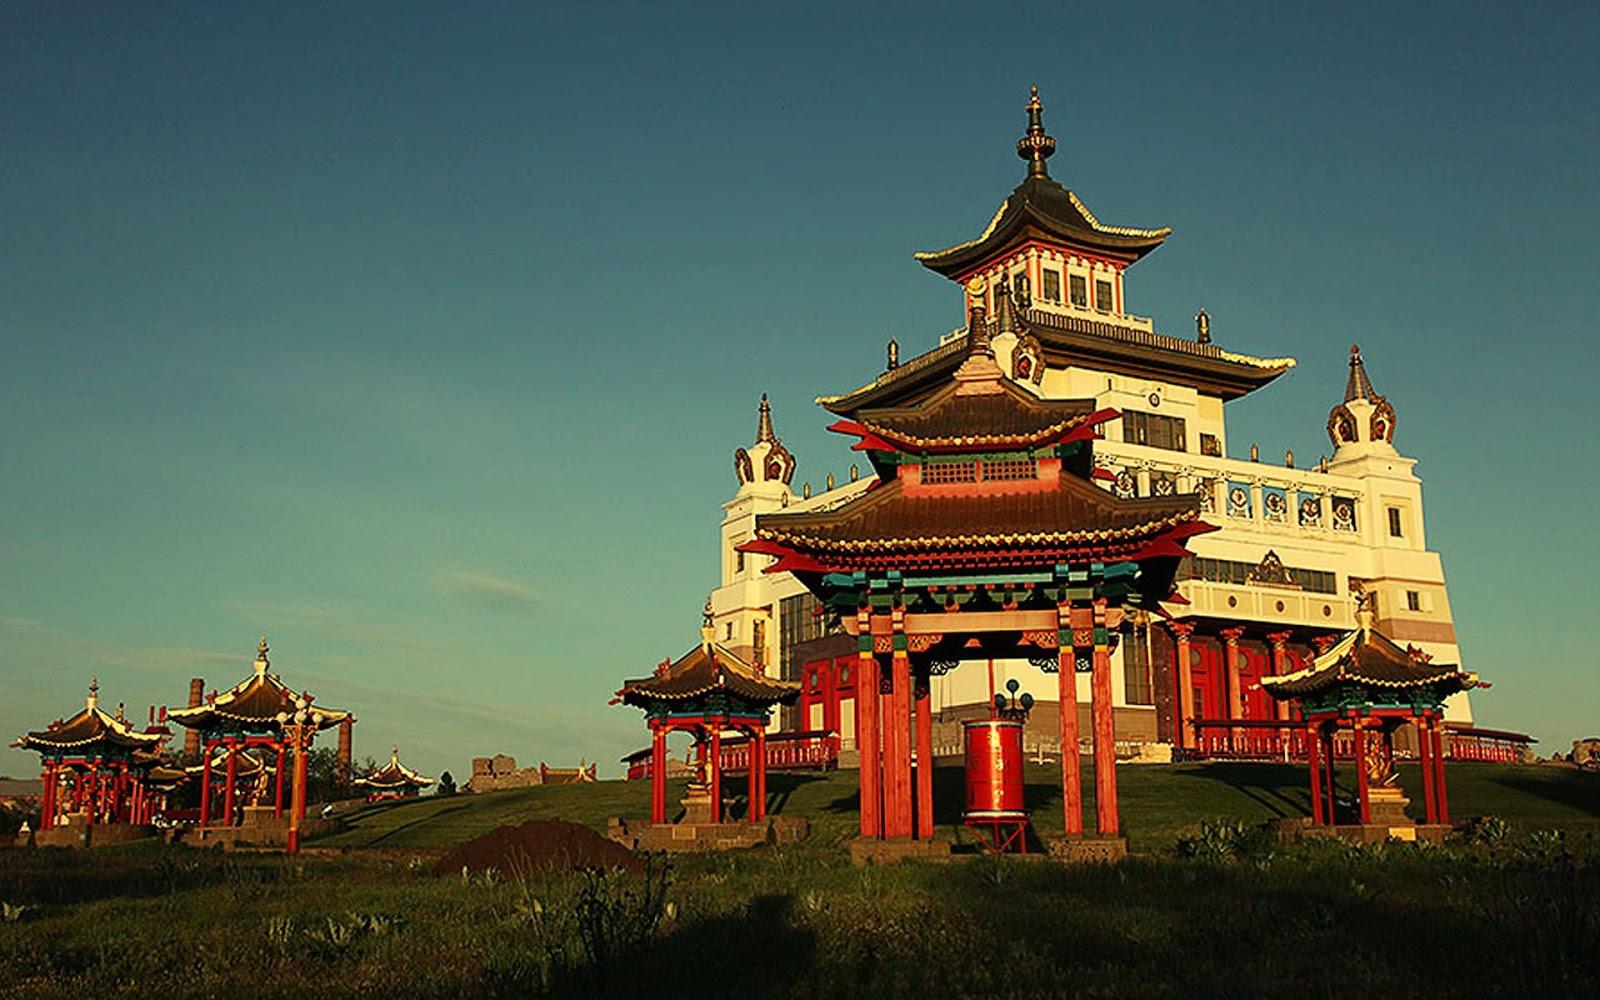 http://2.bp.blogspot.com/-fwlZWcAMFNM/UH6Tn1YyW4I/AAAAAAAAFgI/vLvmthwSnw4/s1600/elista-vacation-russia-1200.jpg